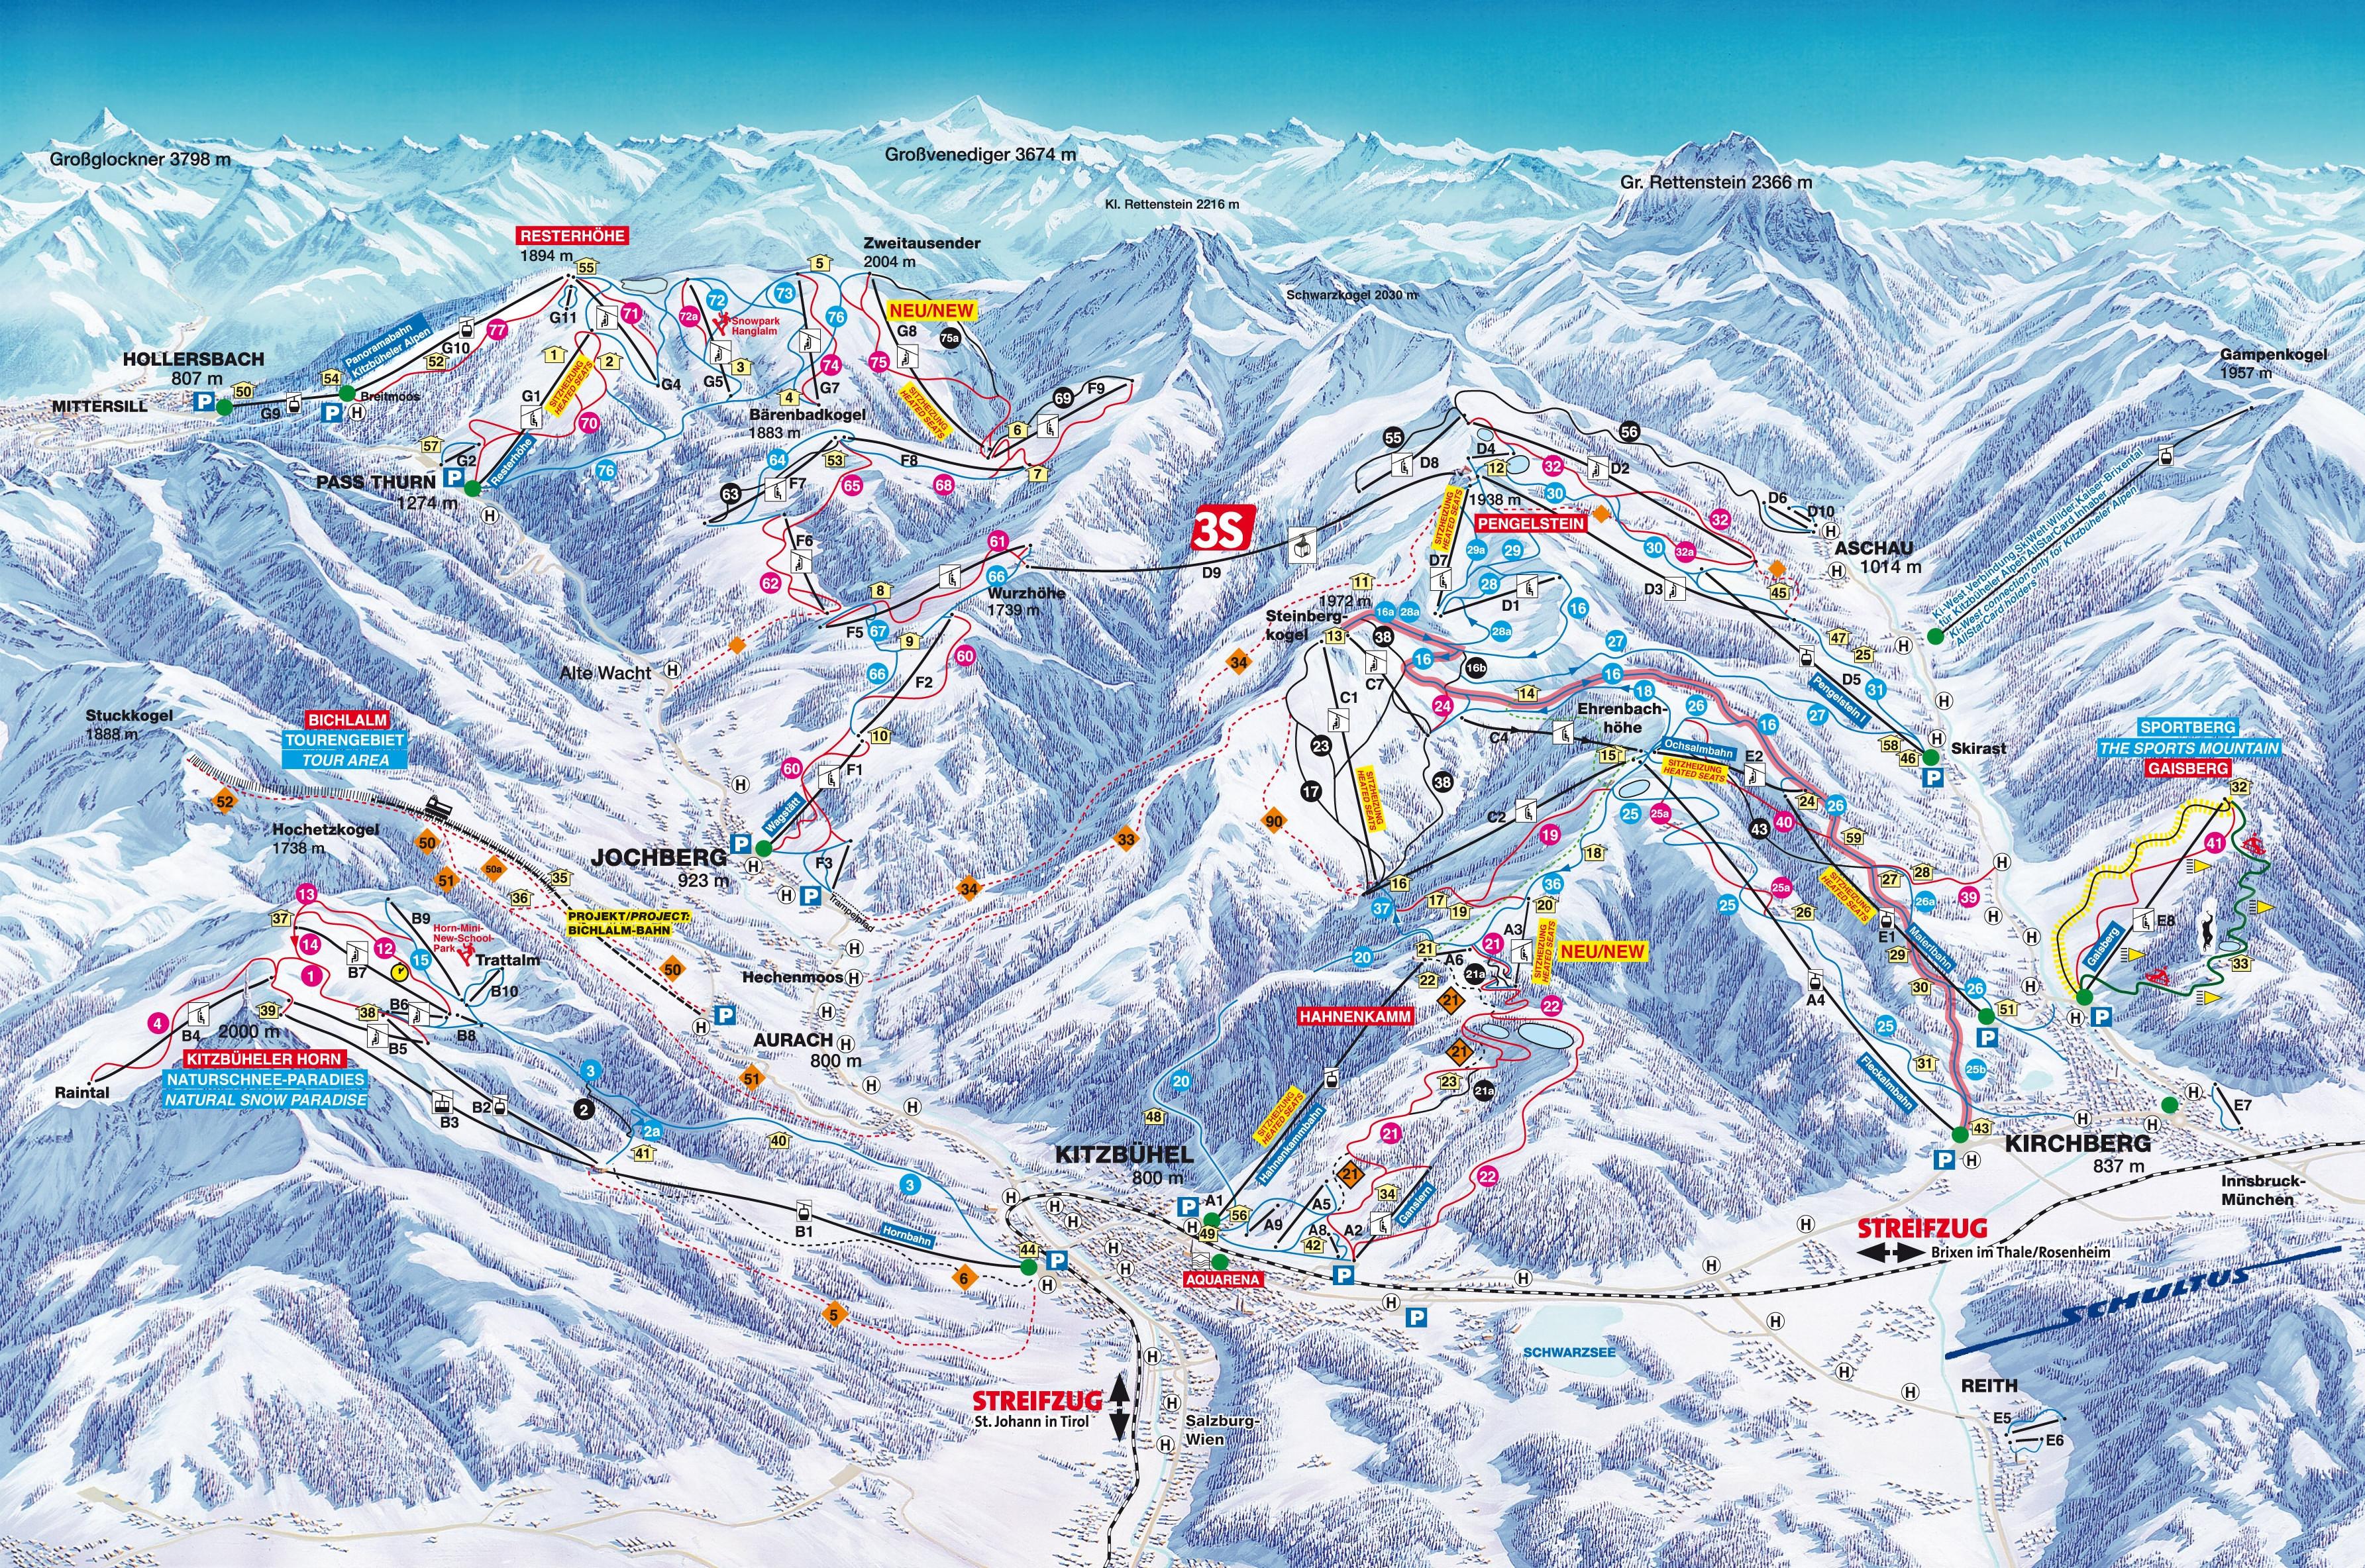 Lyžařská mapa sjezdovek areálu Kitzbühel / Kirchberg / Jochberg / Pass Thurn